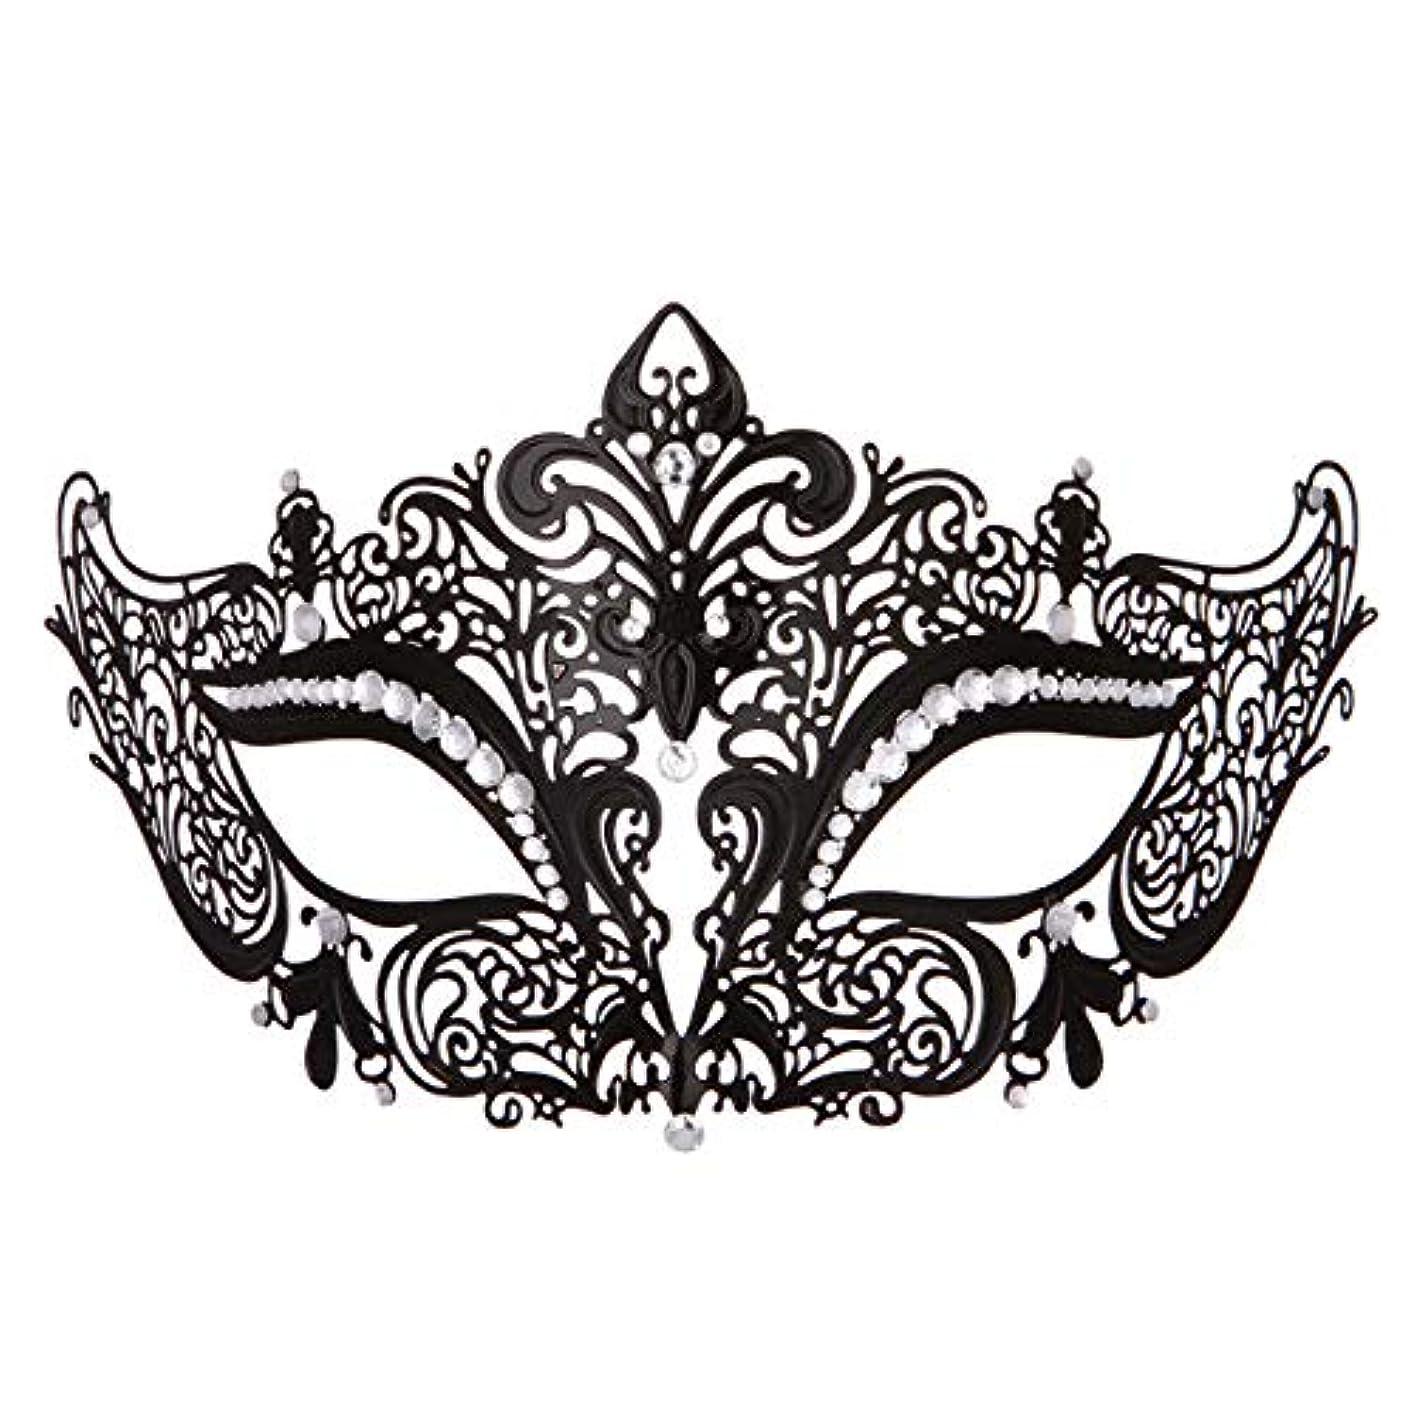 サミュエル慰め流出メタルマスク/ダイヤモンドカットマスク/アイアンマスクキャットヘッドブラック/ハロウィーン、パーティー、仮面舞踏会、お祝いマスク